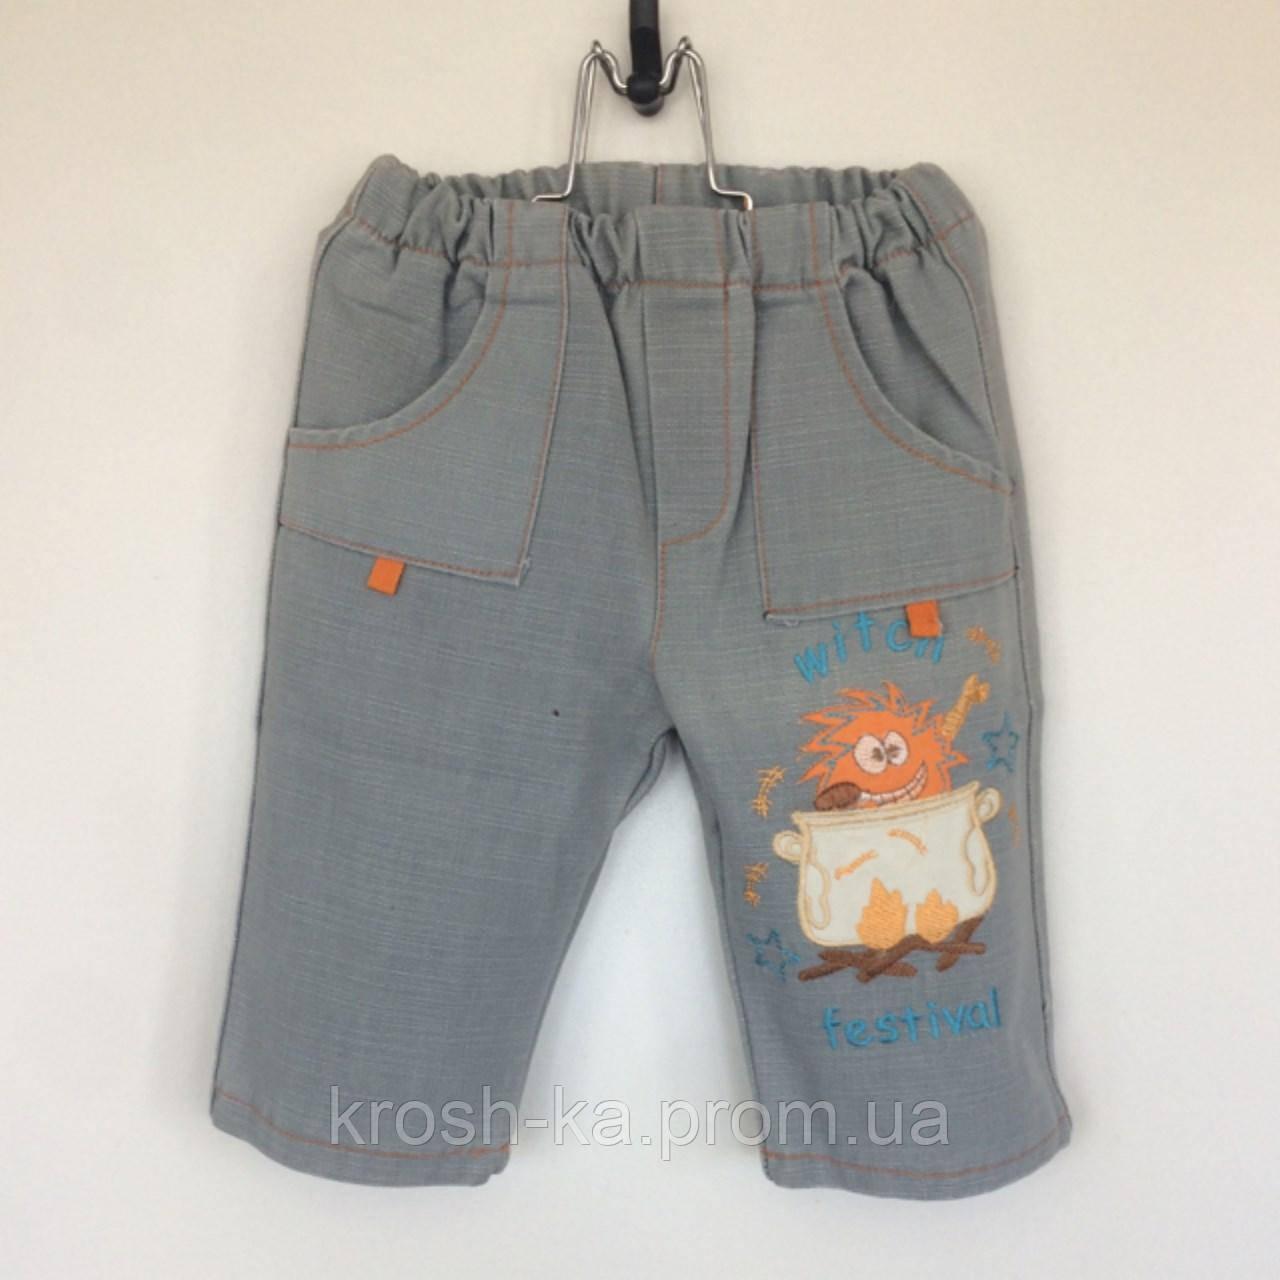 Джинсы для мальчика серые(86-98)р Китай 2345